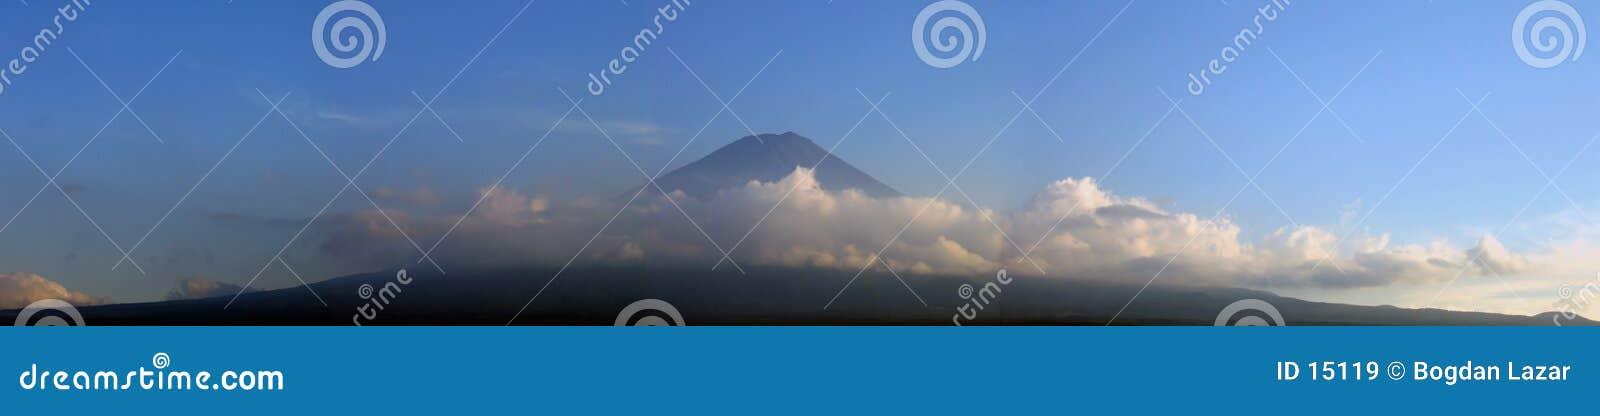 Supporto Fuji circondato dalle nubi - panorama